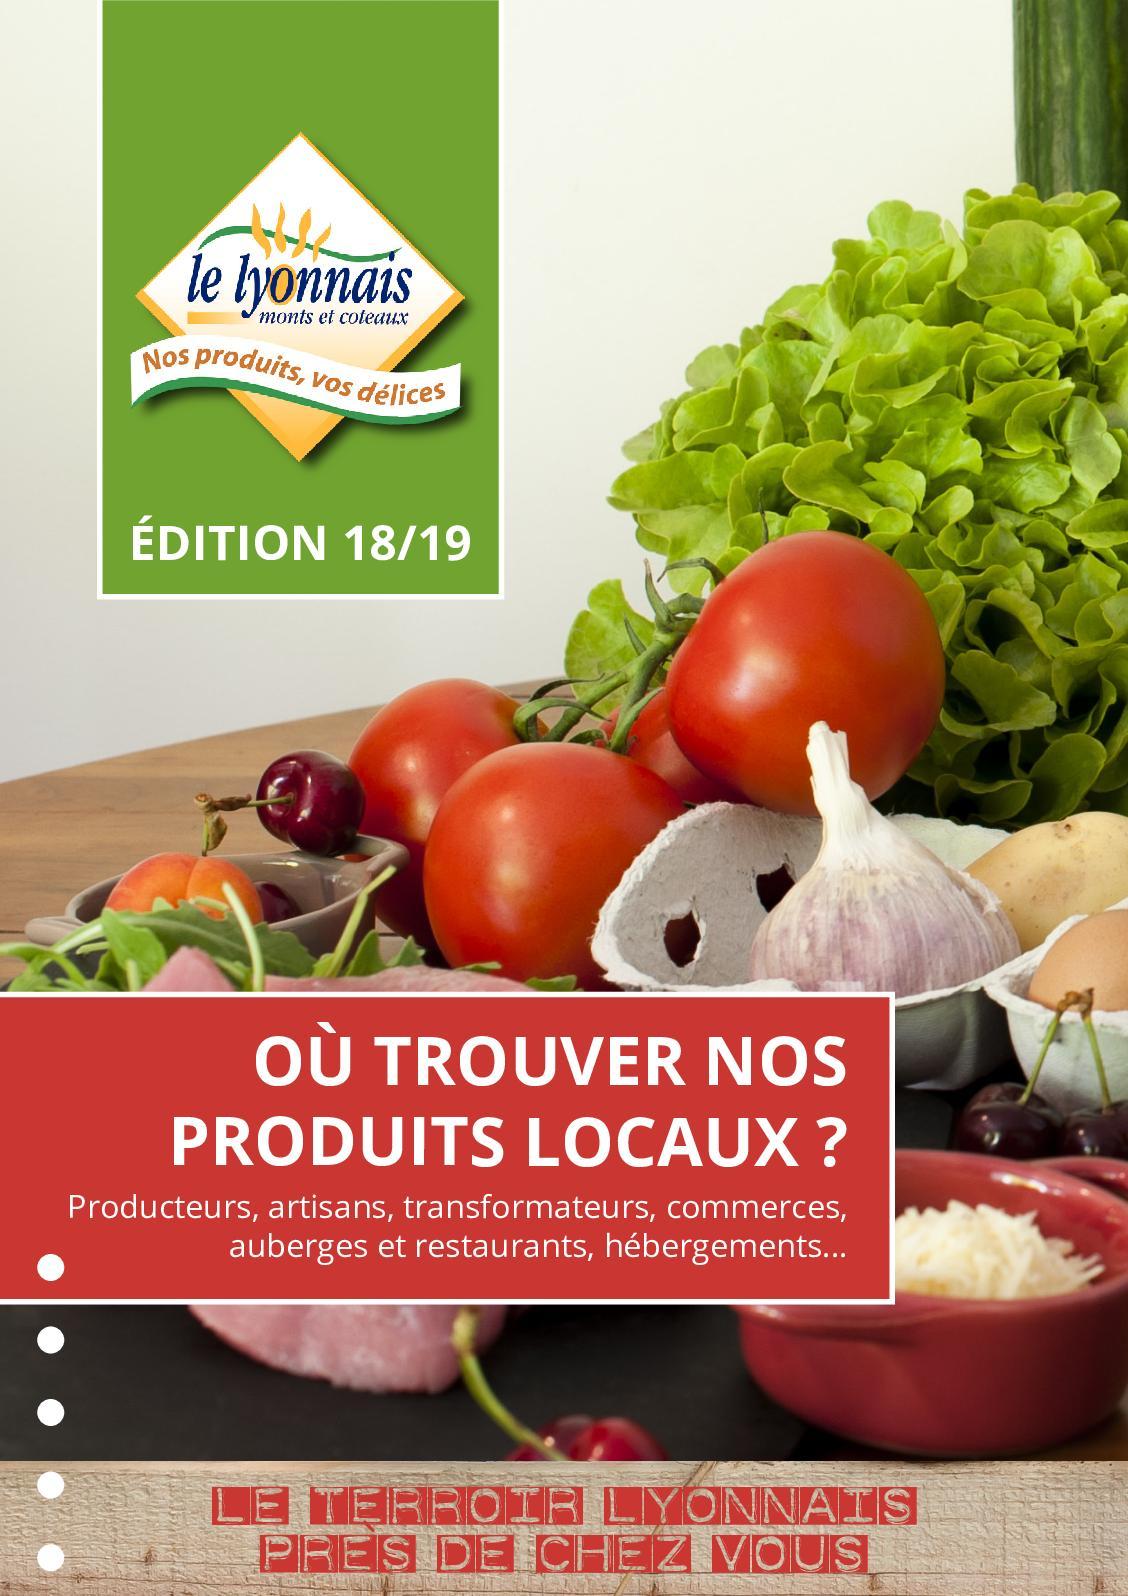 Où trouver nos produits locaux - Edition 18-19